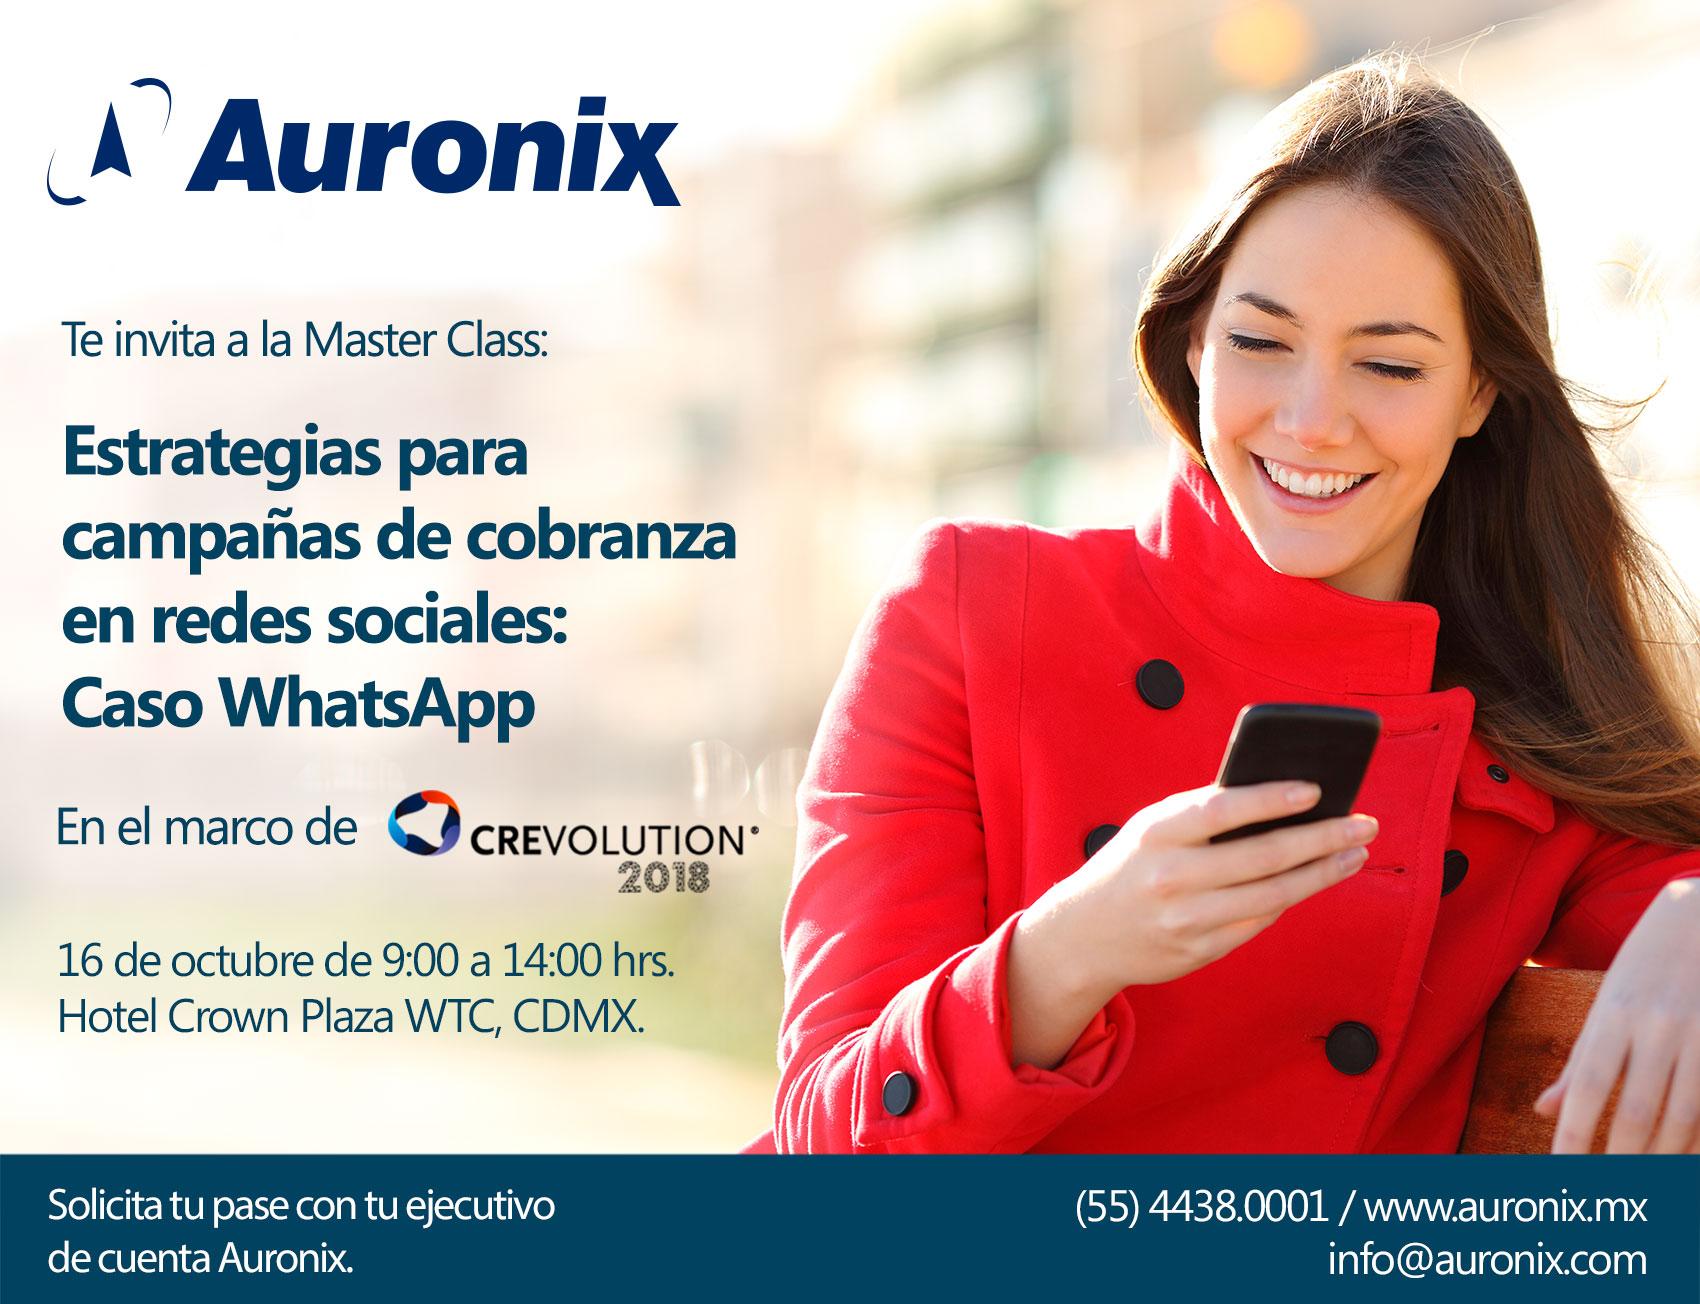 Auronix-Master-Class-precongreso Crevolution